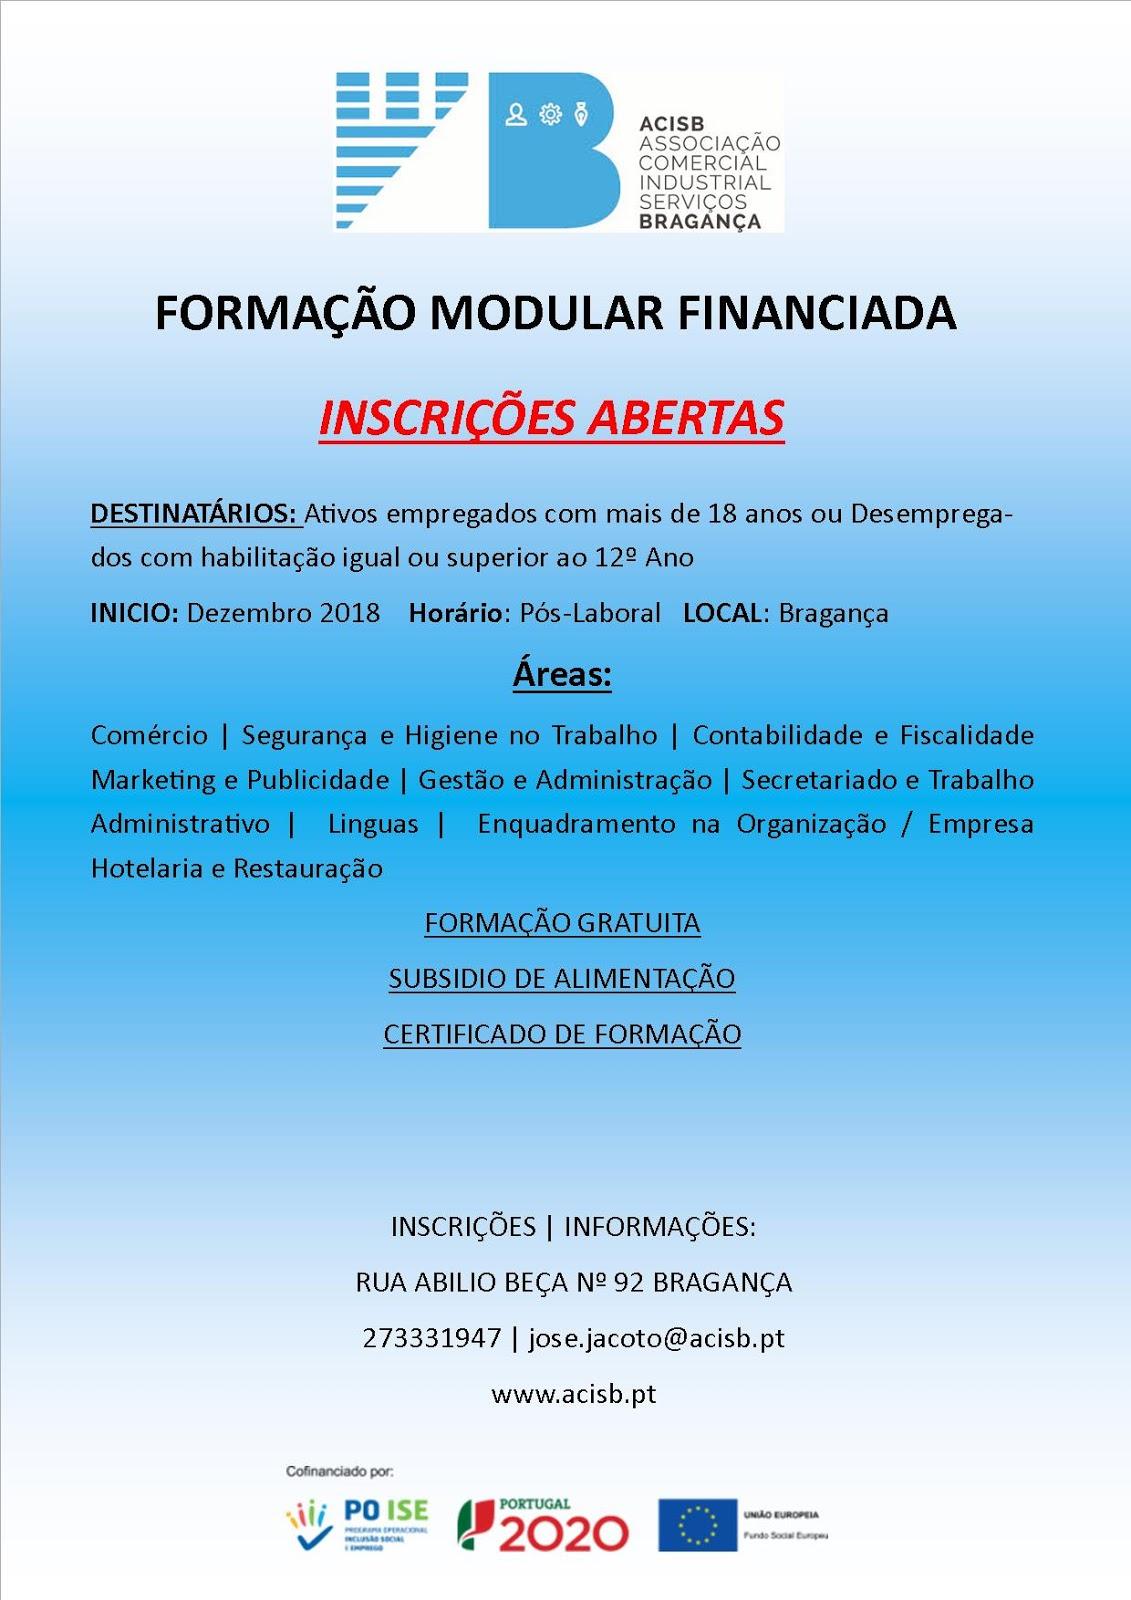 Formação financiada em Bragança